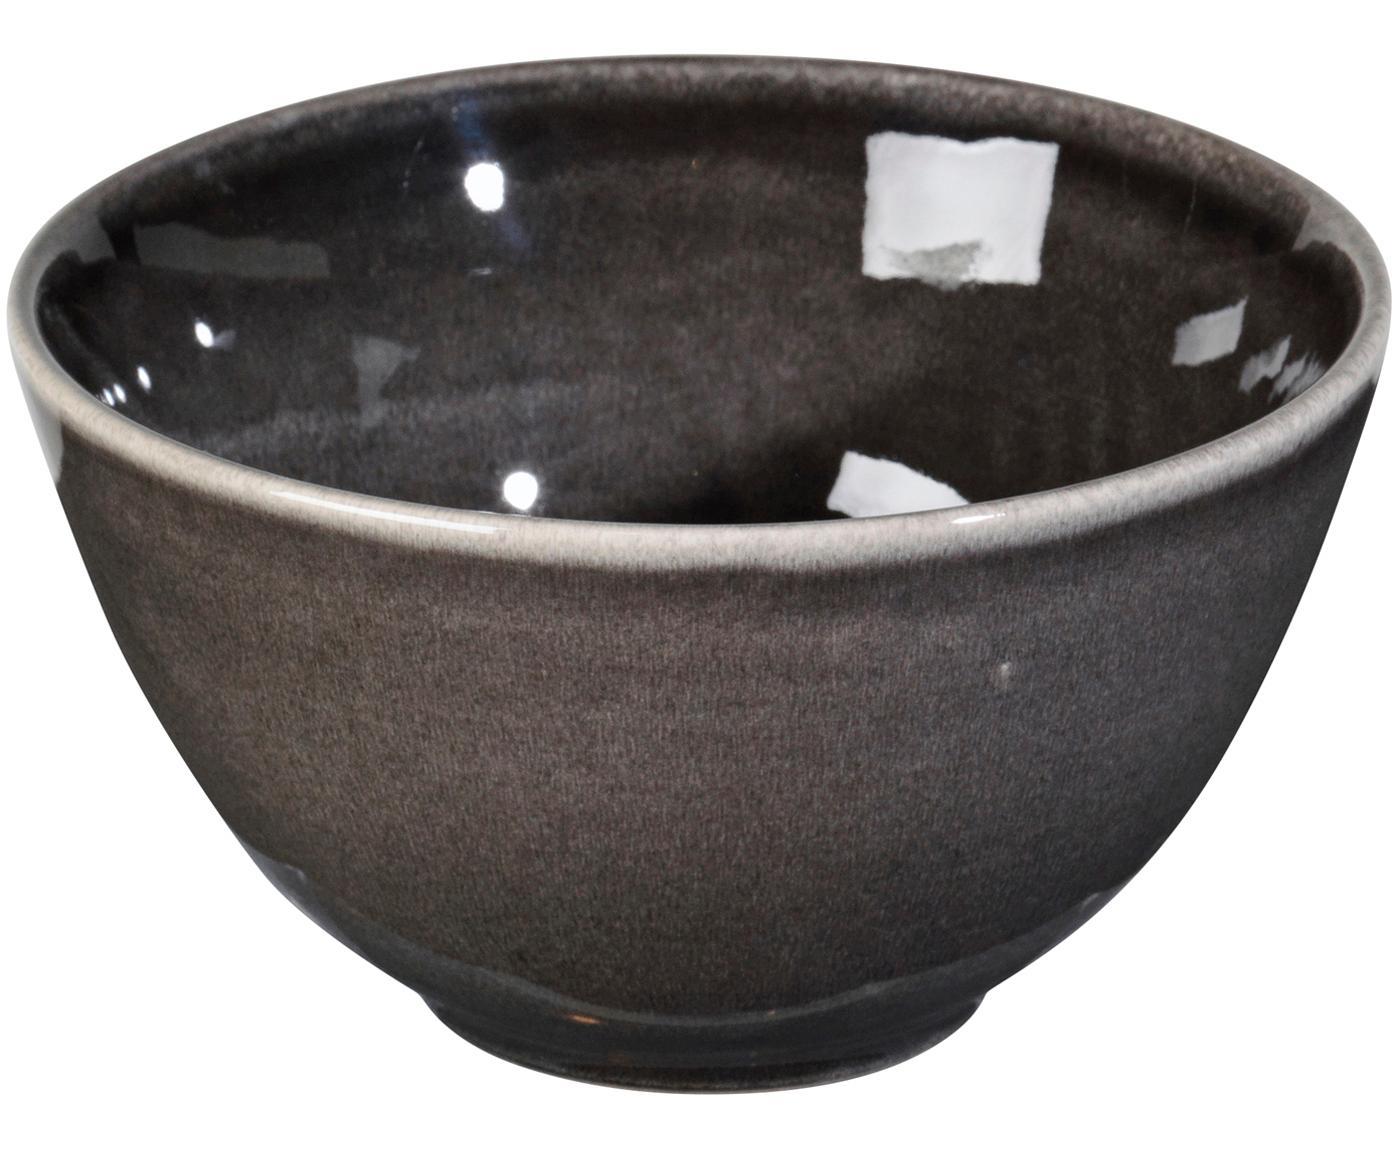 Handgemachte Schälchen Nordic Coal, 4 Stück, Steingut, Bräunlich, Ø 15 x H 8 cm